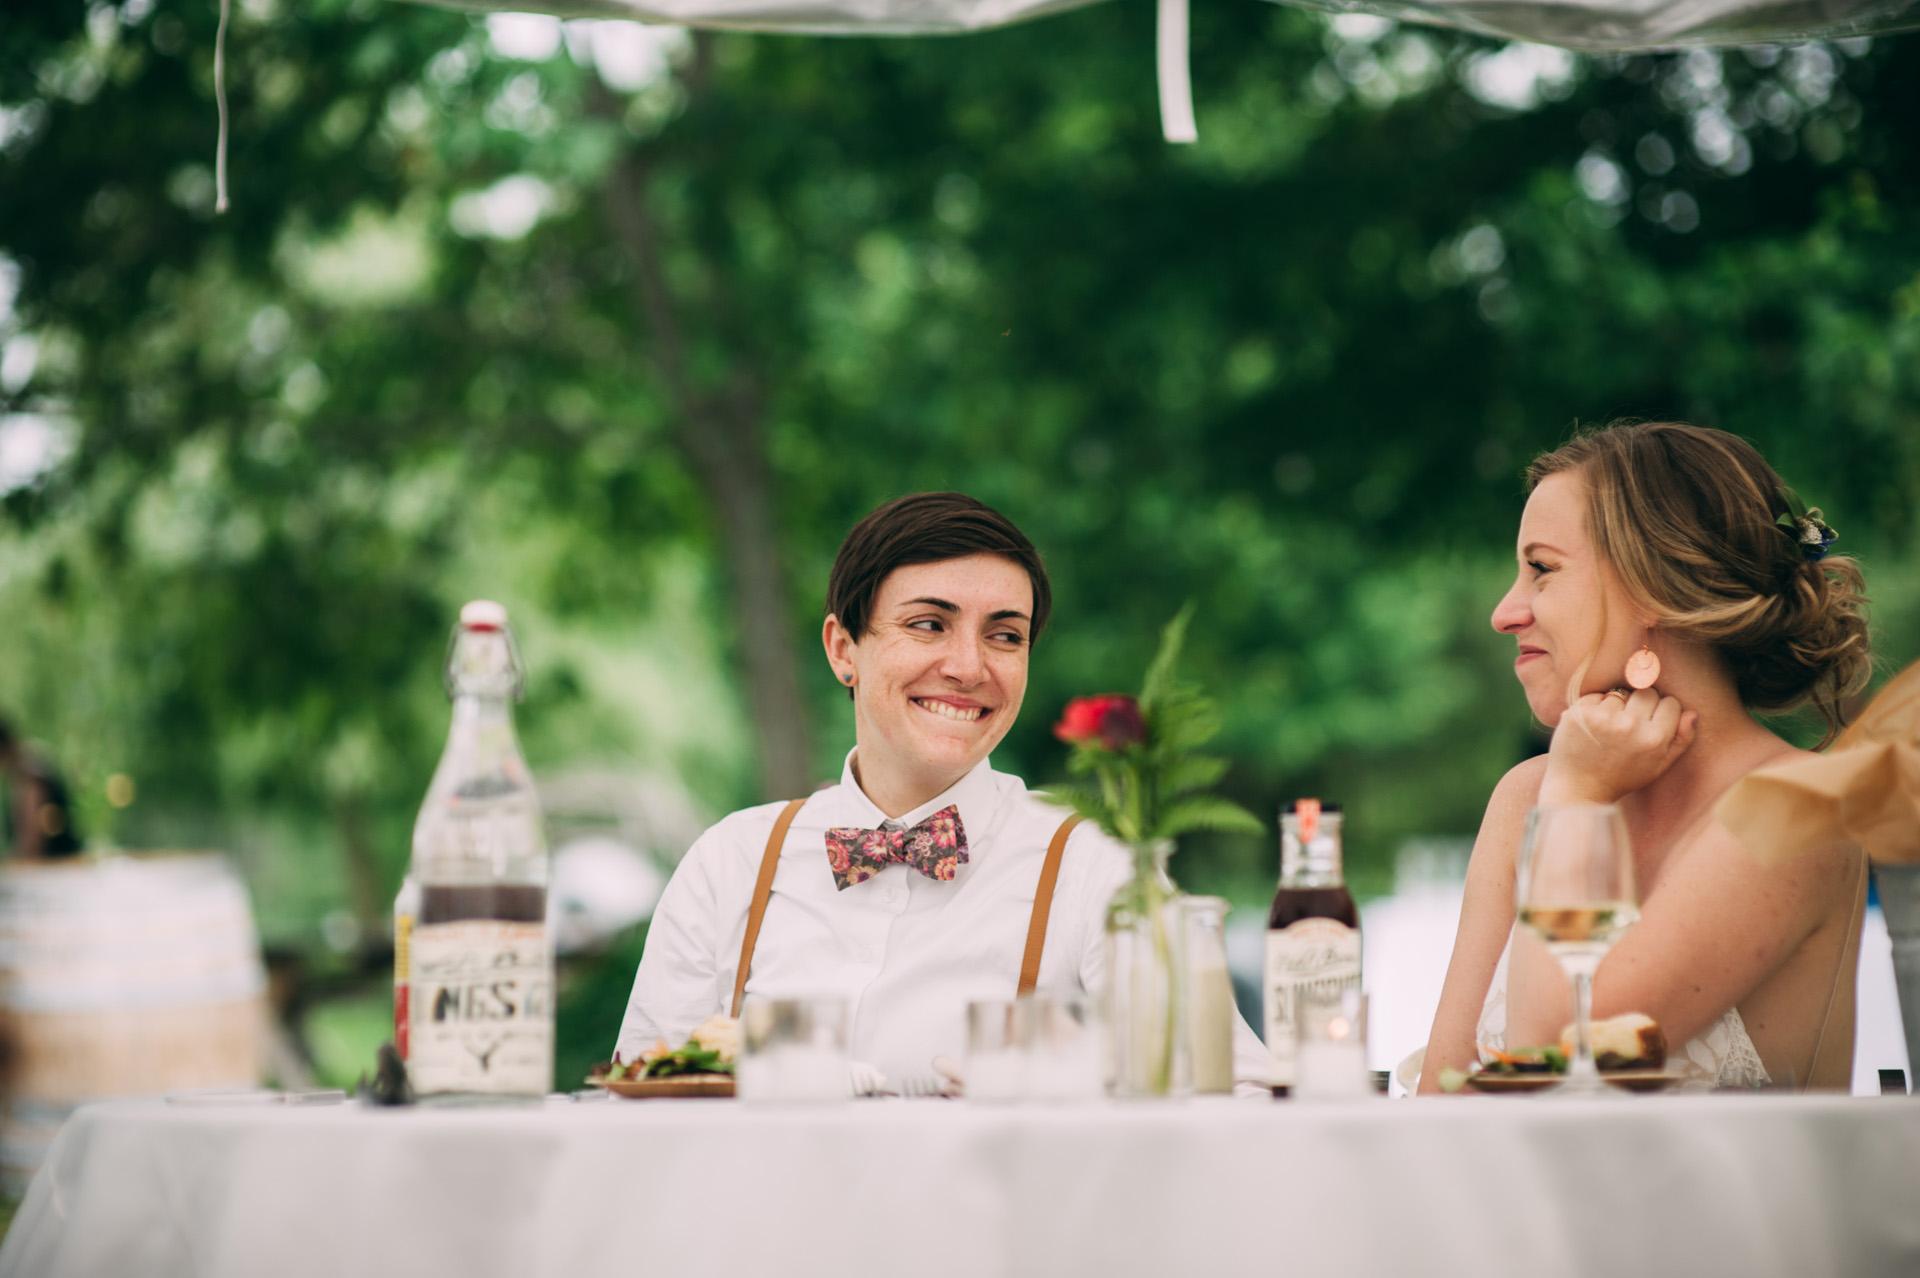 broadturn-farm-wedding-68